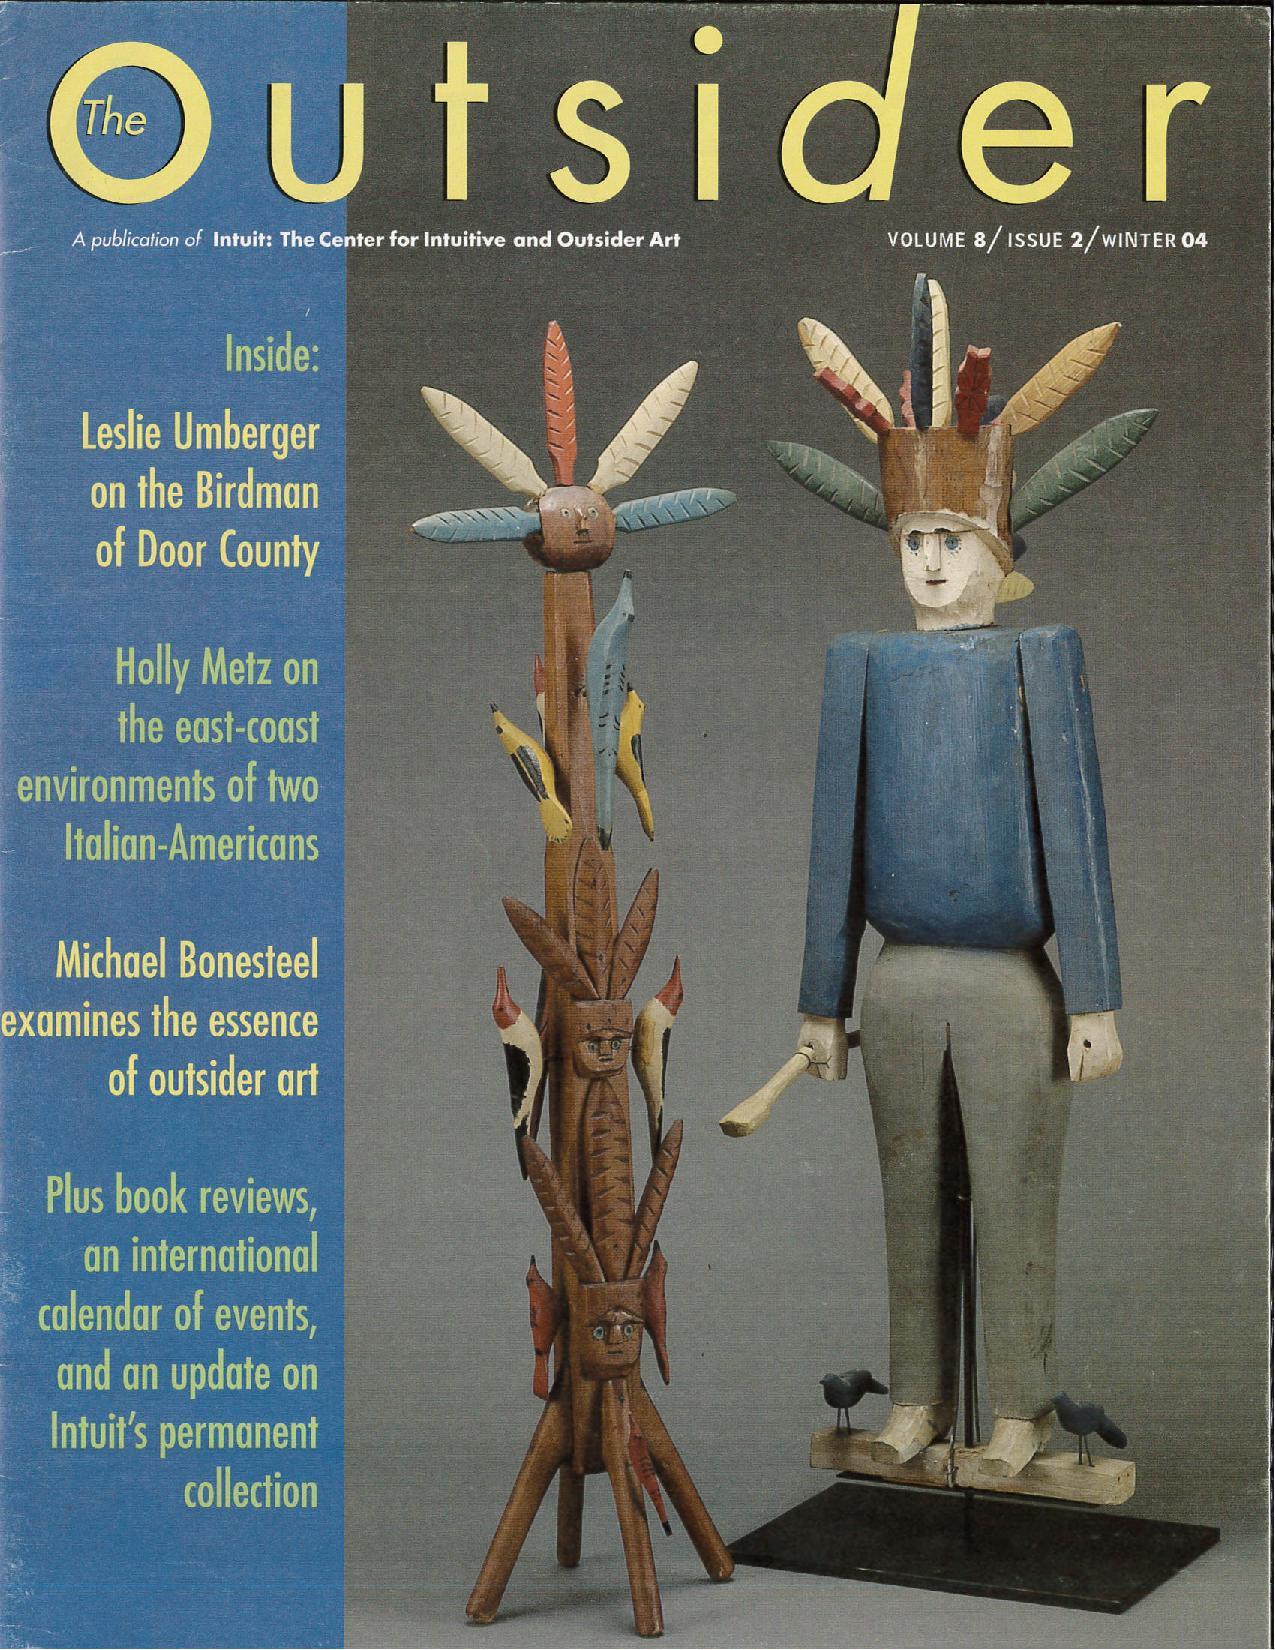 Volume 8 Issue 2 Winter 2004